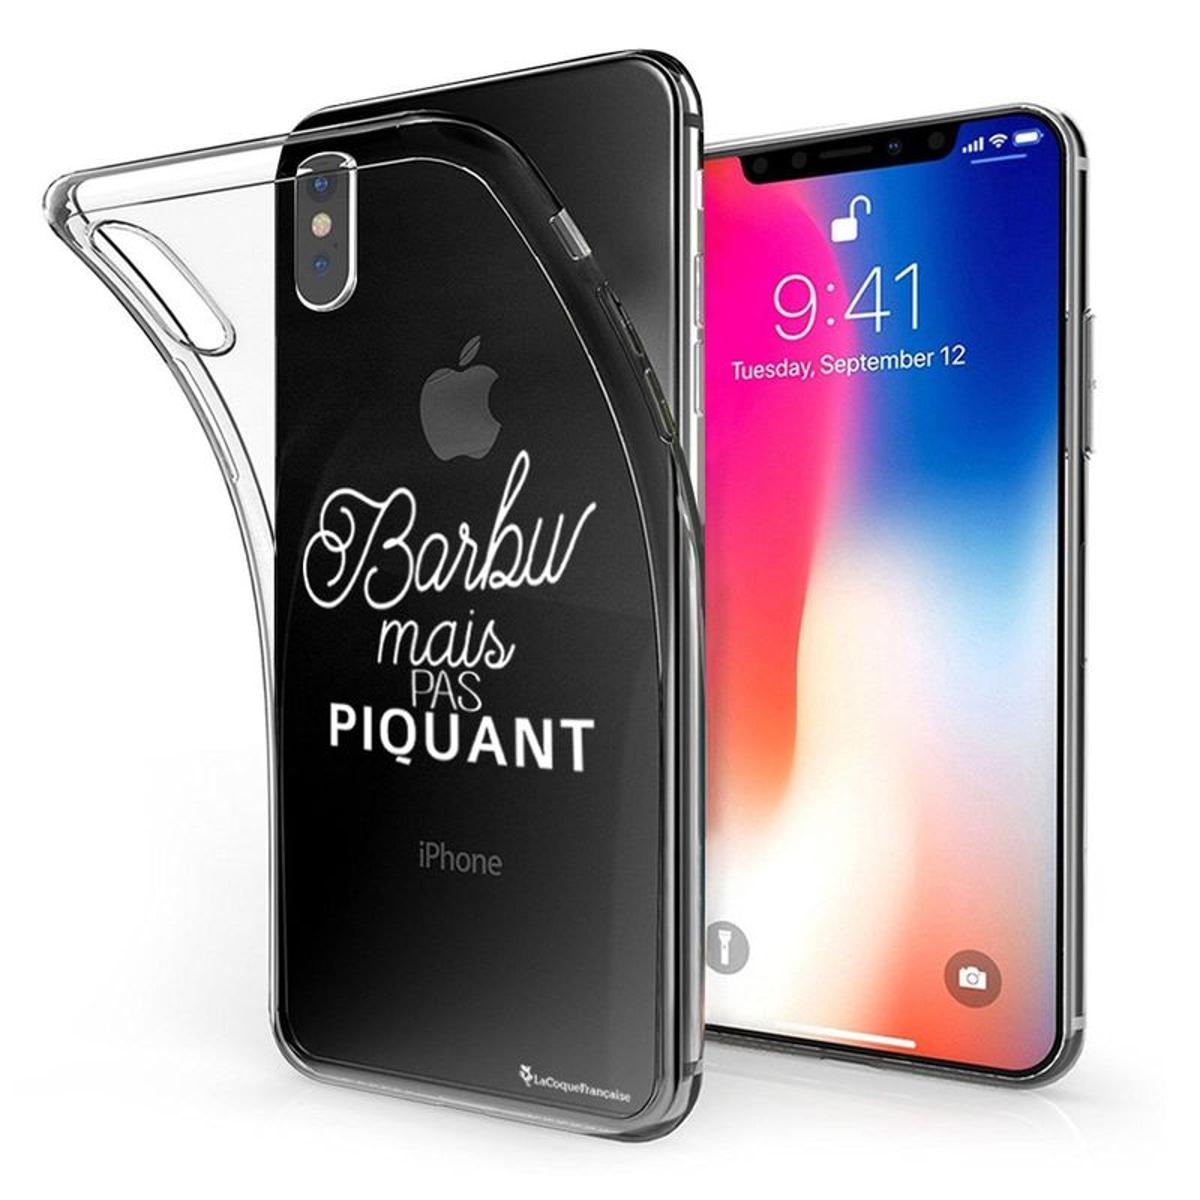 Coque iPhone X iPhone XS souple transparente, Barbu mais pas piquant BLANC, La Coque Francaise®